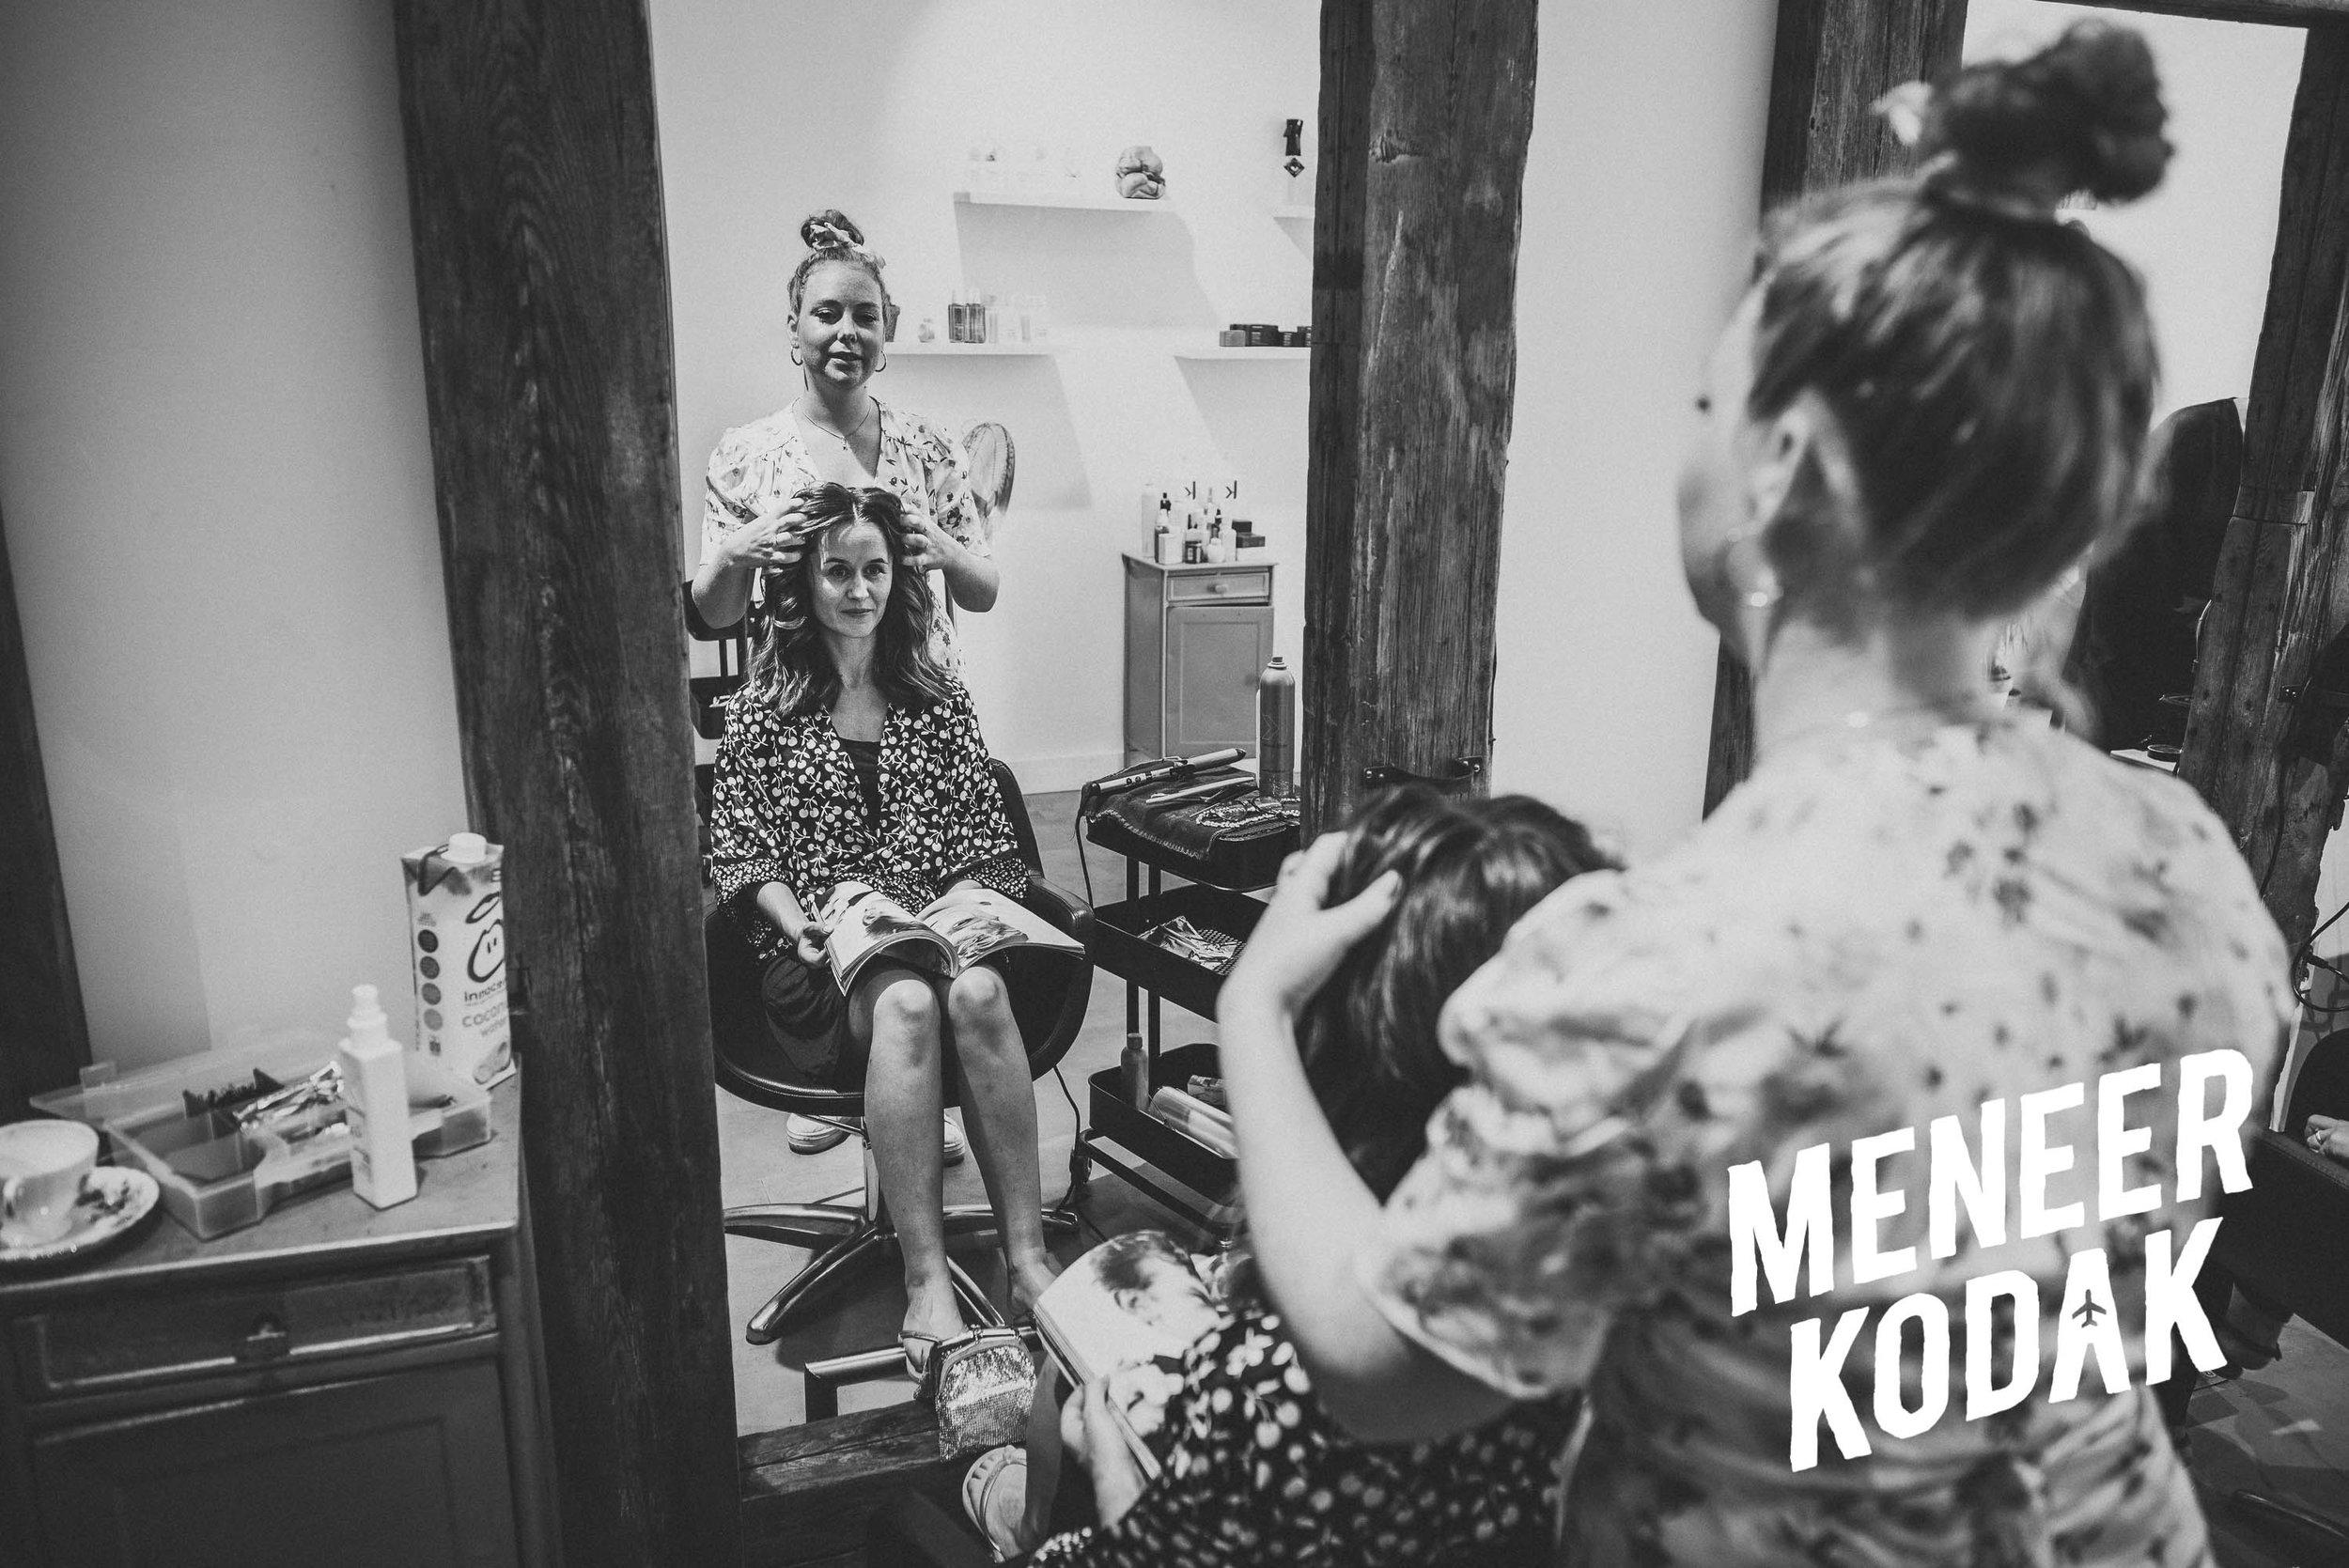 Meneer Kodak - Trouwfotograaf - Amsterdam - H&T-007.jpg